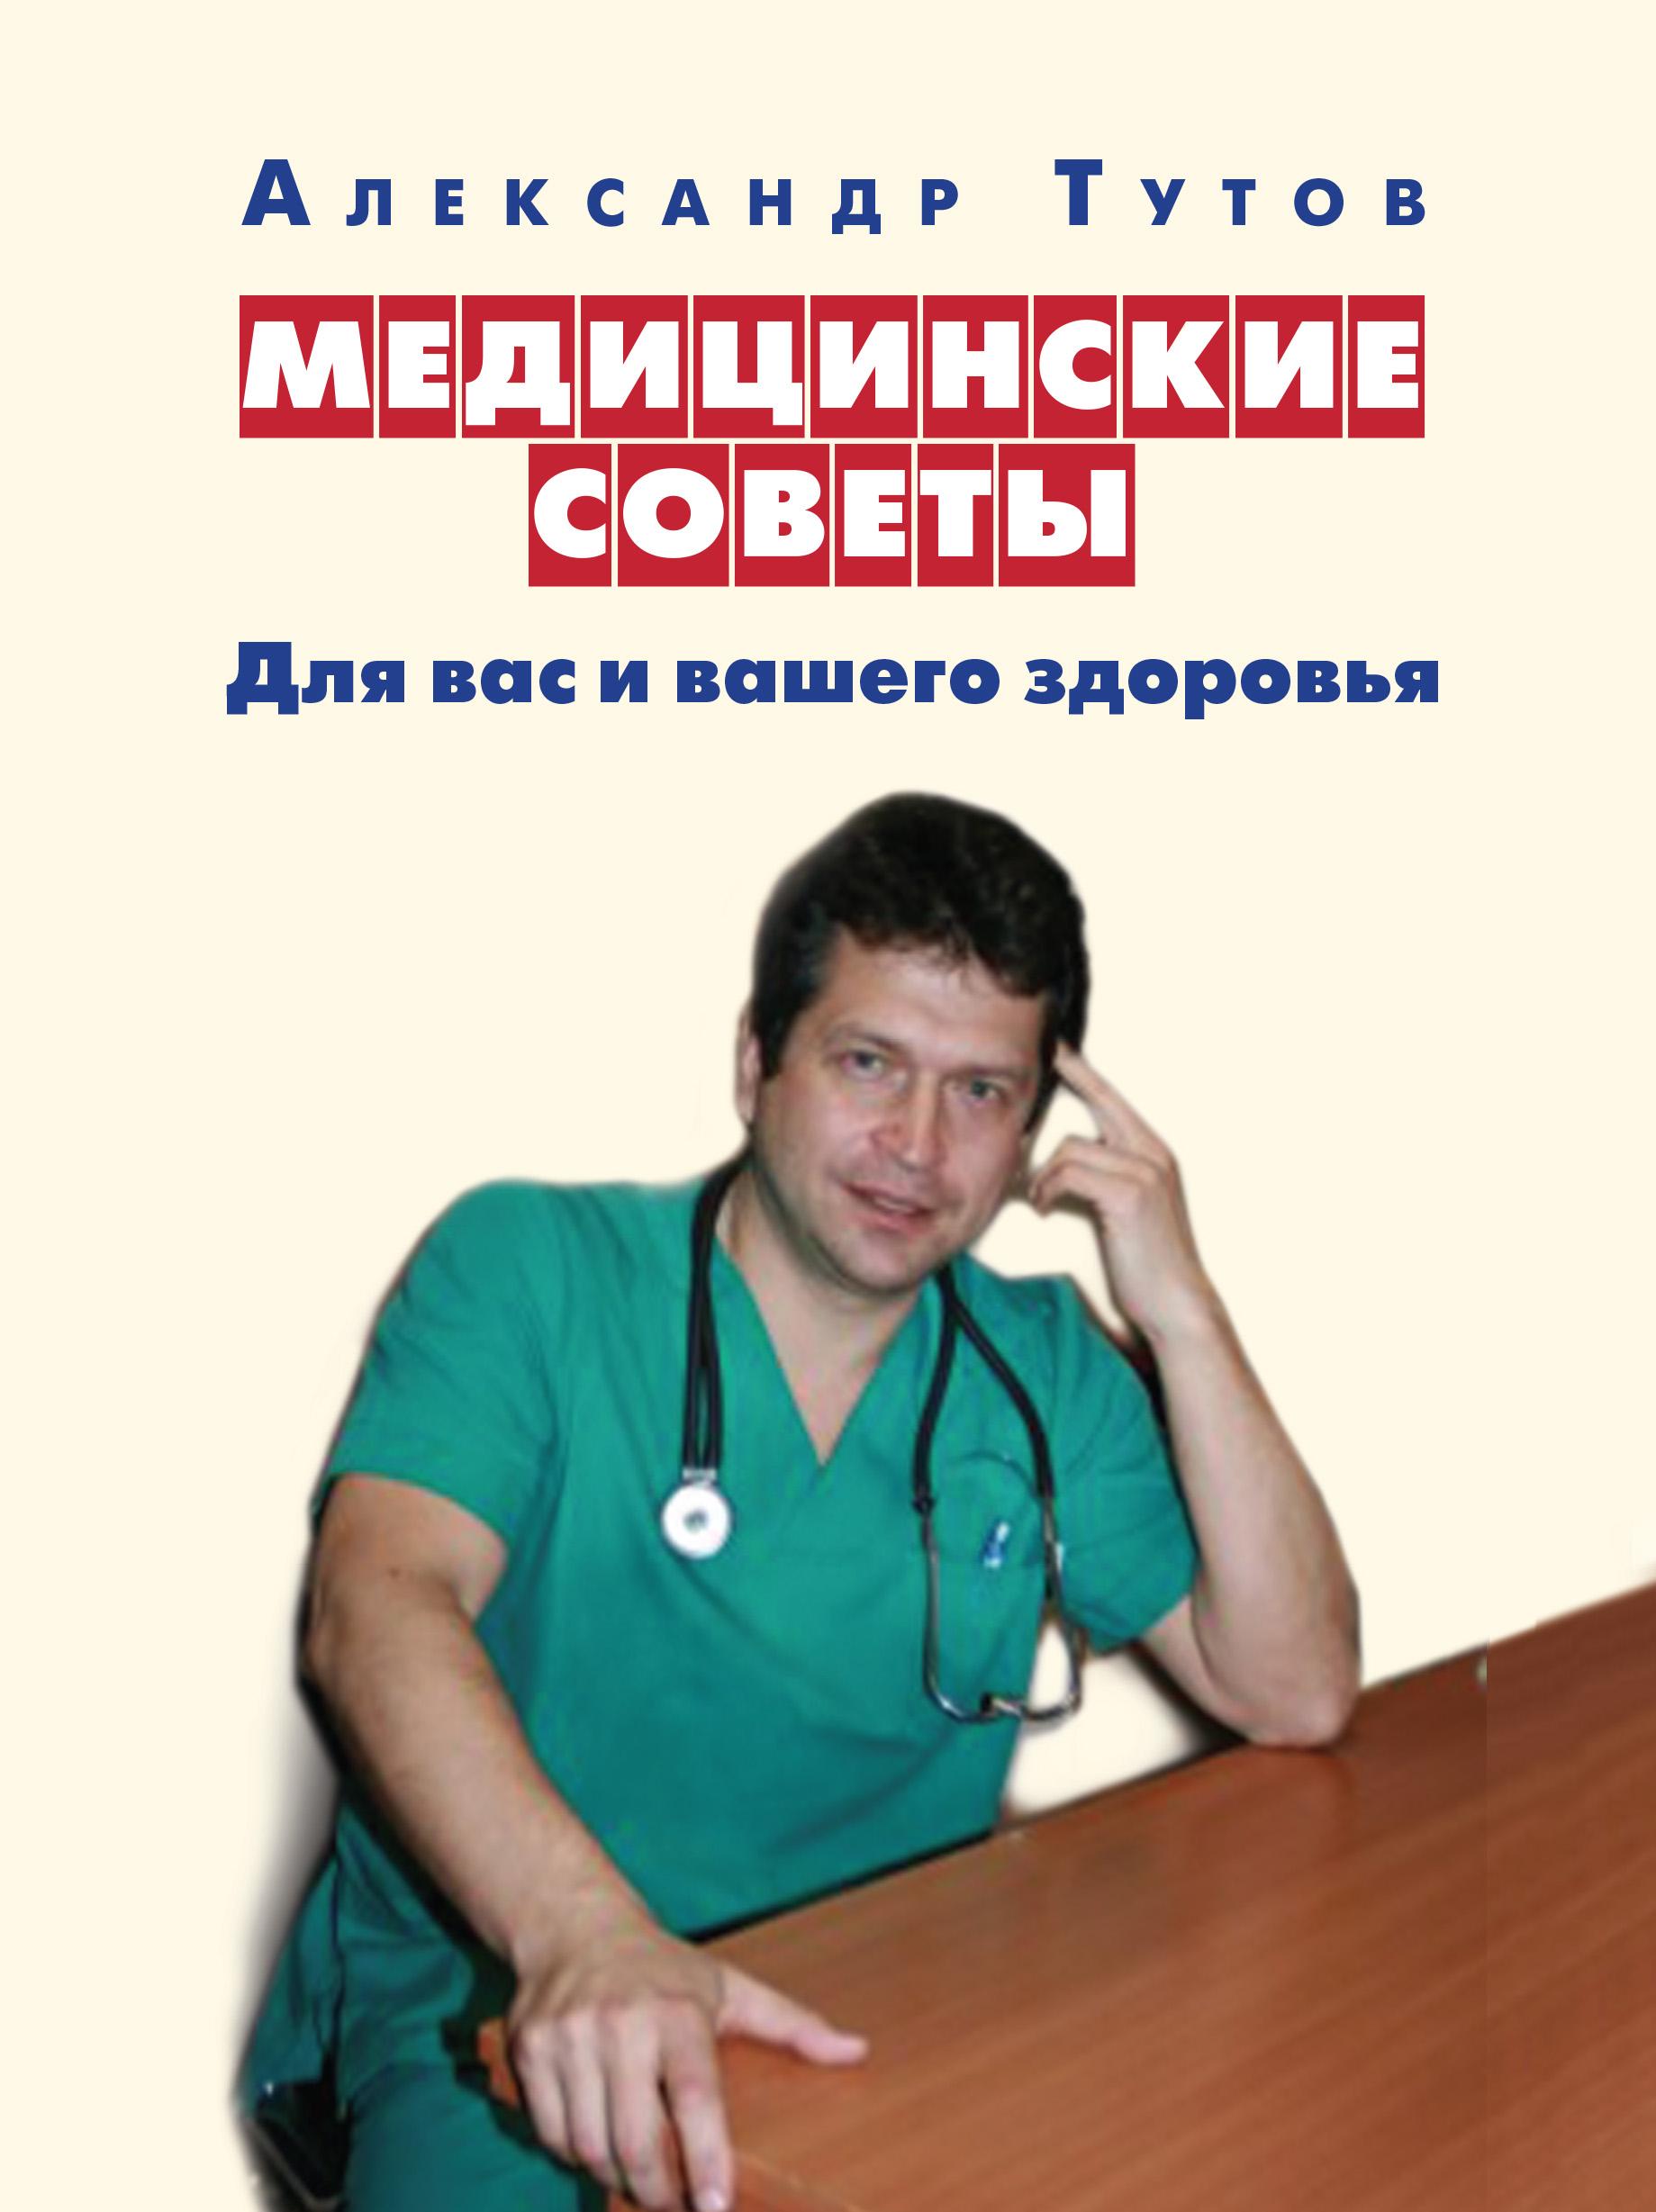 Александр Тутов Медицинские советы. Для вас и вашего здоровья суворин а умный улей рекомендации советы и ответы на вопросы